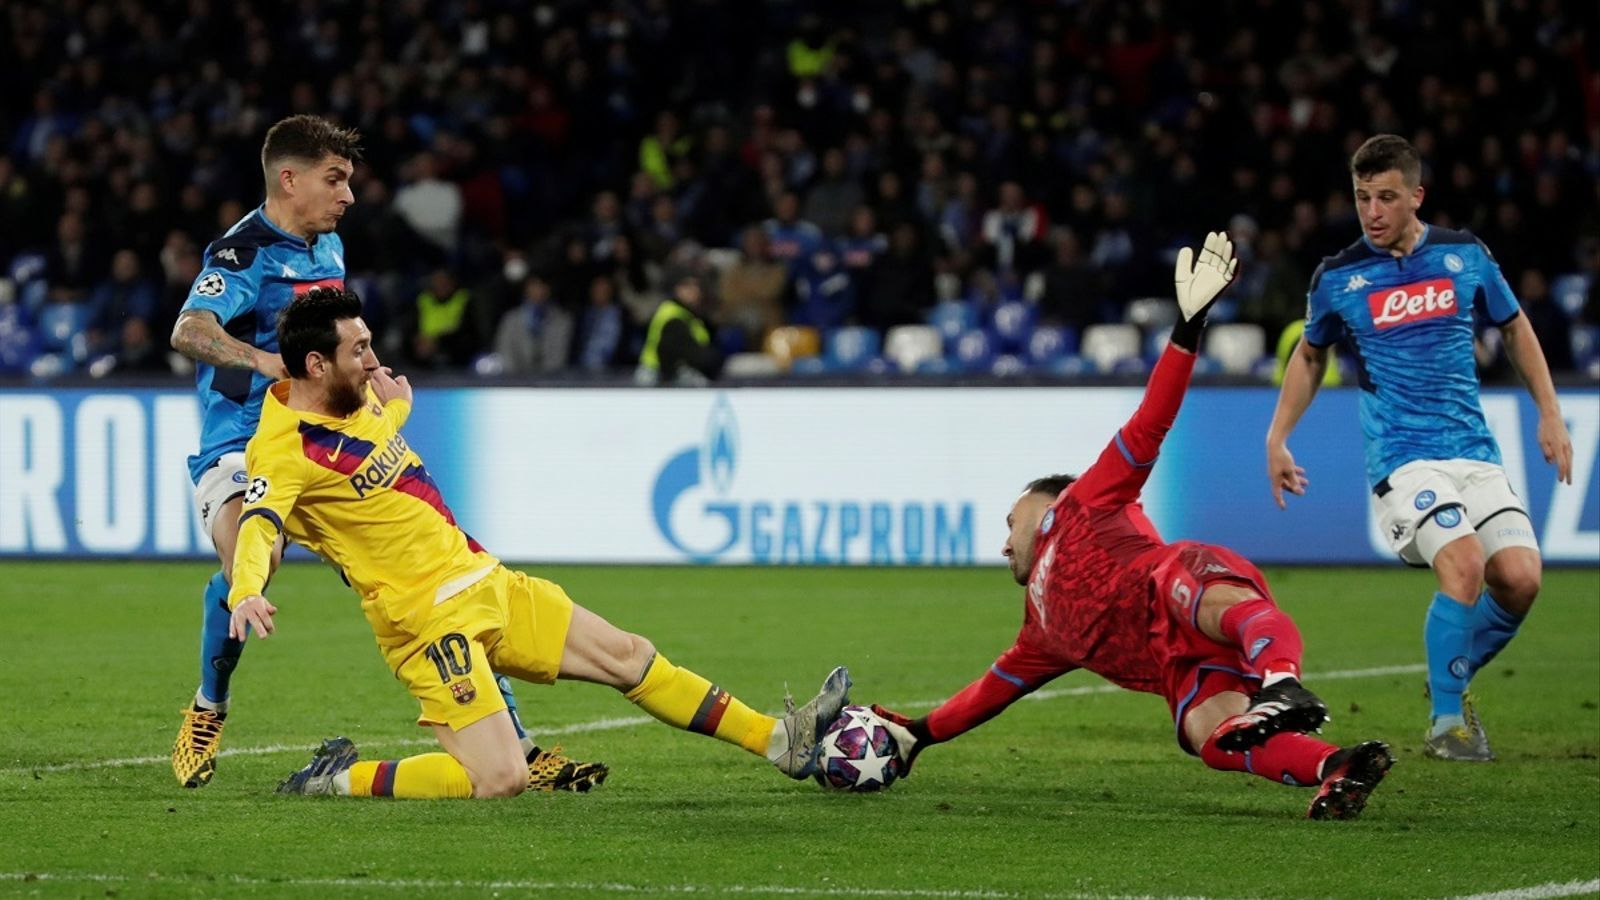 Leo Messi, intentant una remata davant del porter Ospina